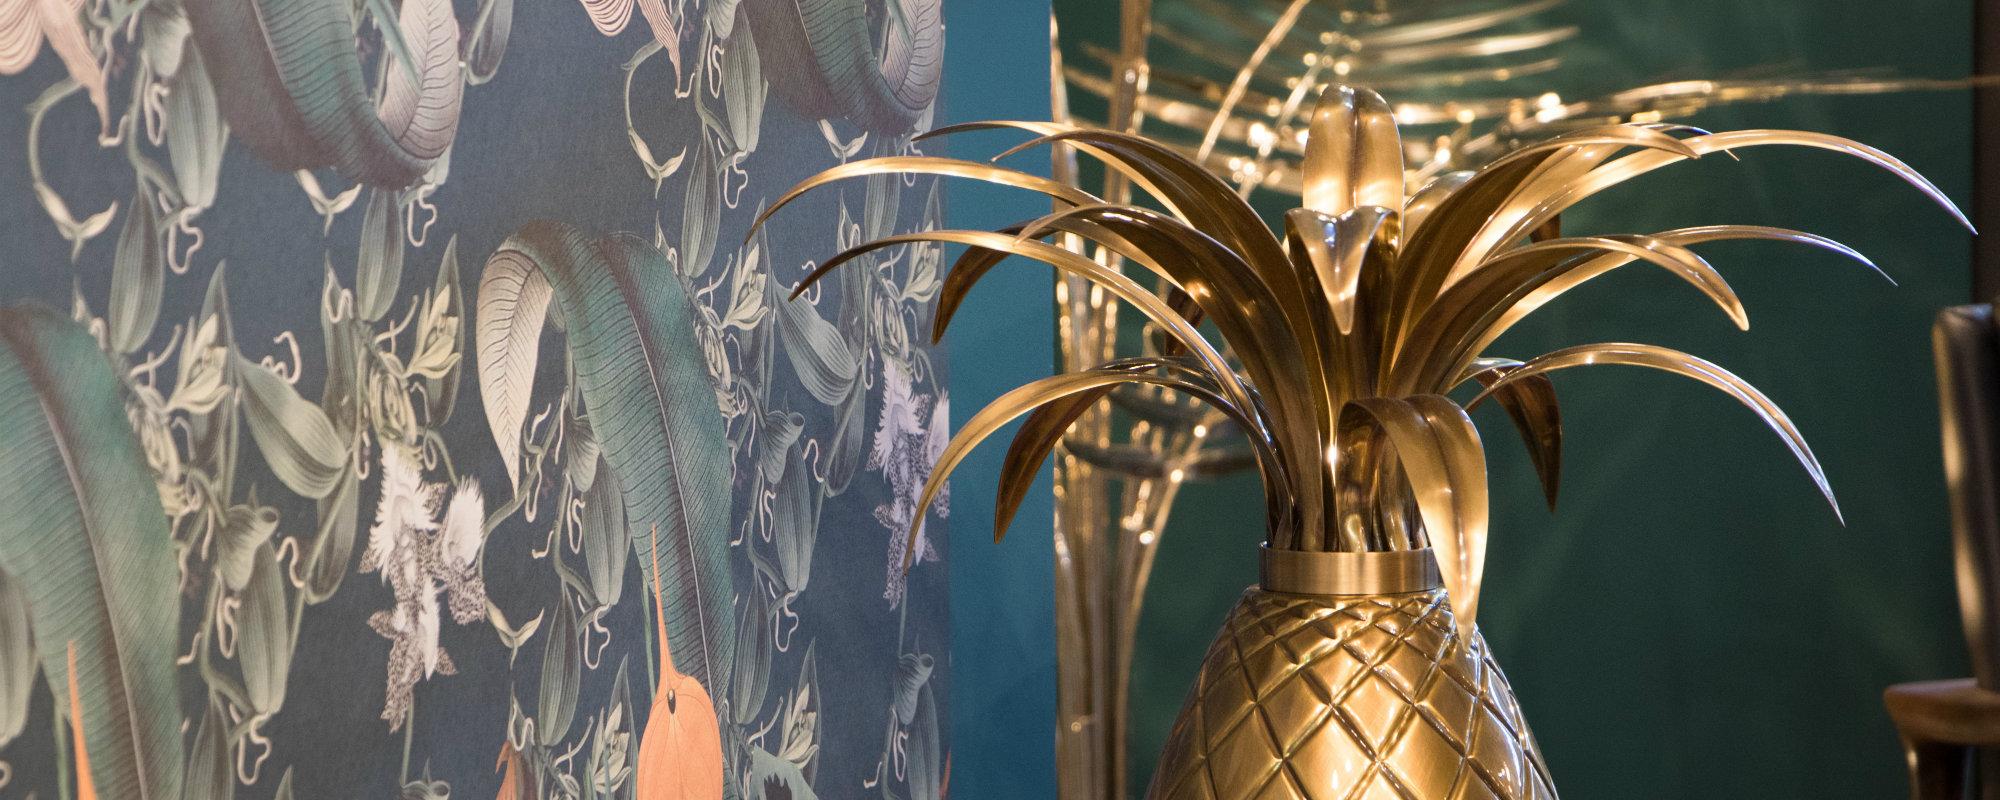 Illuminación lujuosa: lamparas de mesa para inspirar proyectos de lujo illuminación lujuosa Illuminación lujuosa: lamparas de mesa para inspirar proyectos de lujo Featured 17